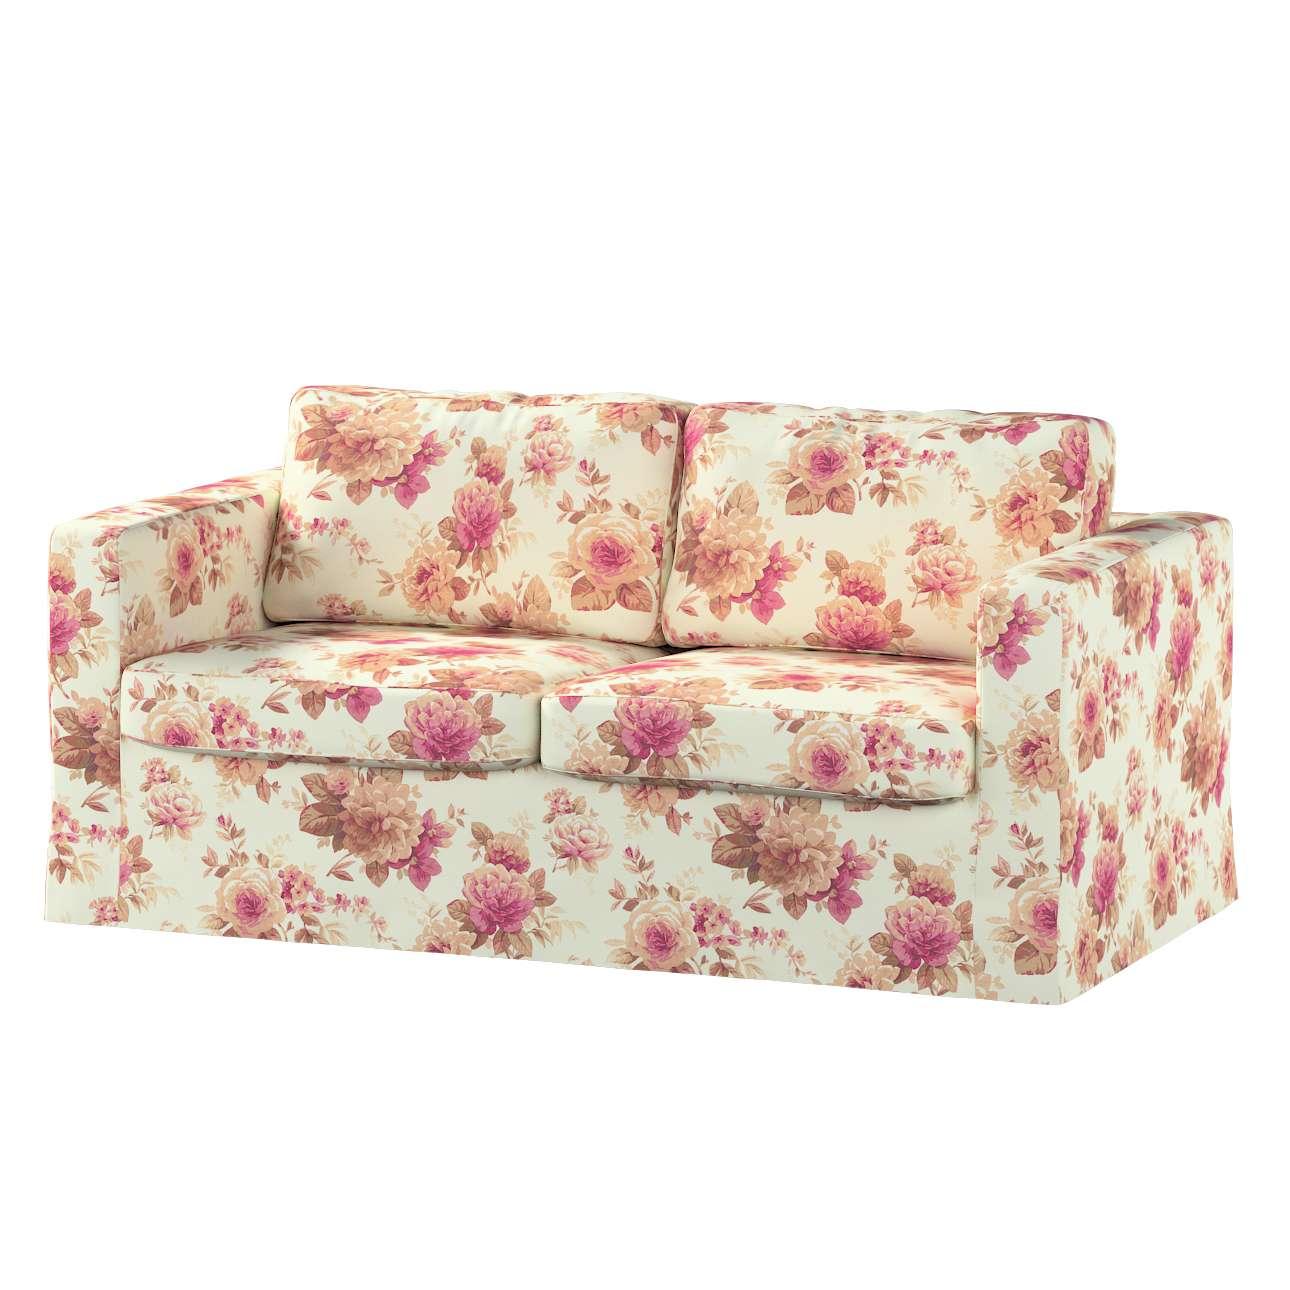 Karlstad klädsel 2-sits soffa -  lång i kollektionen Londres, Tyg: 141-06